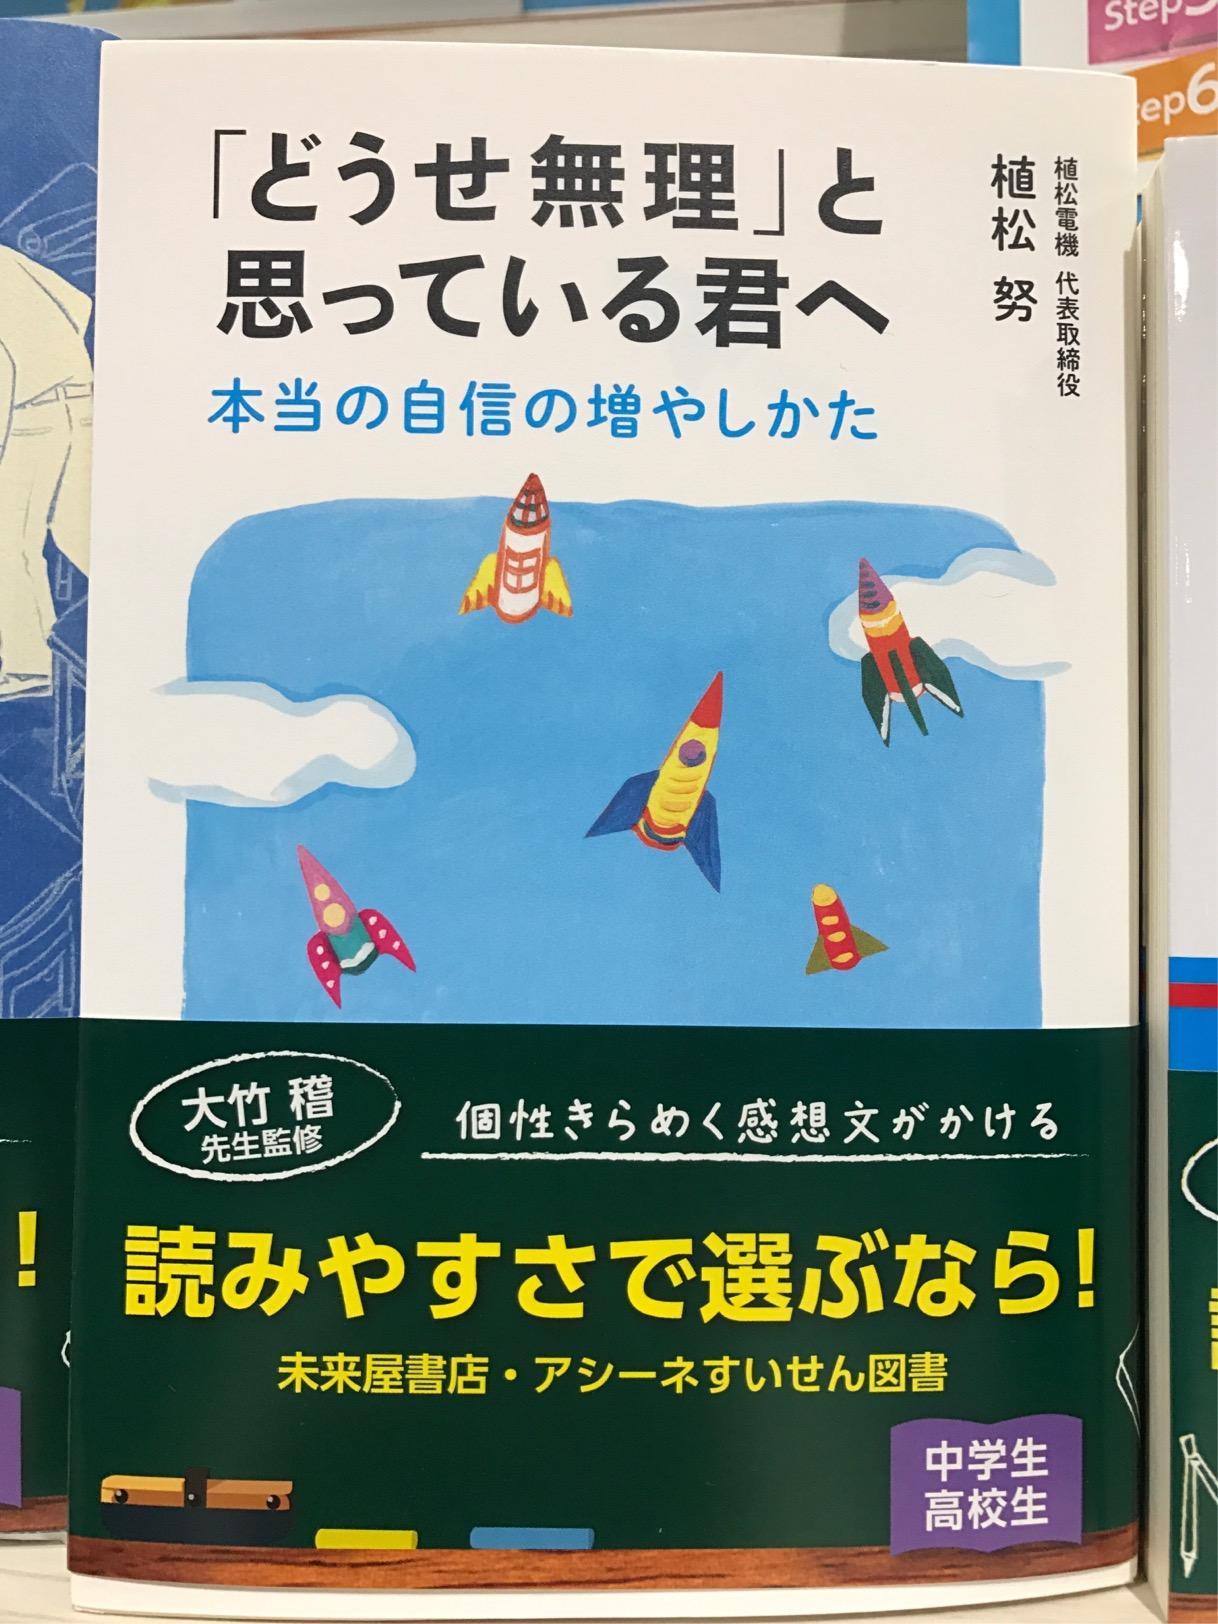 本 中学生 2019 おすすめ 読書 感想 文